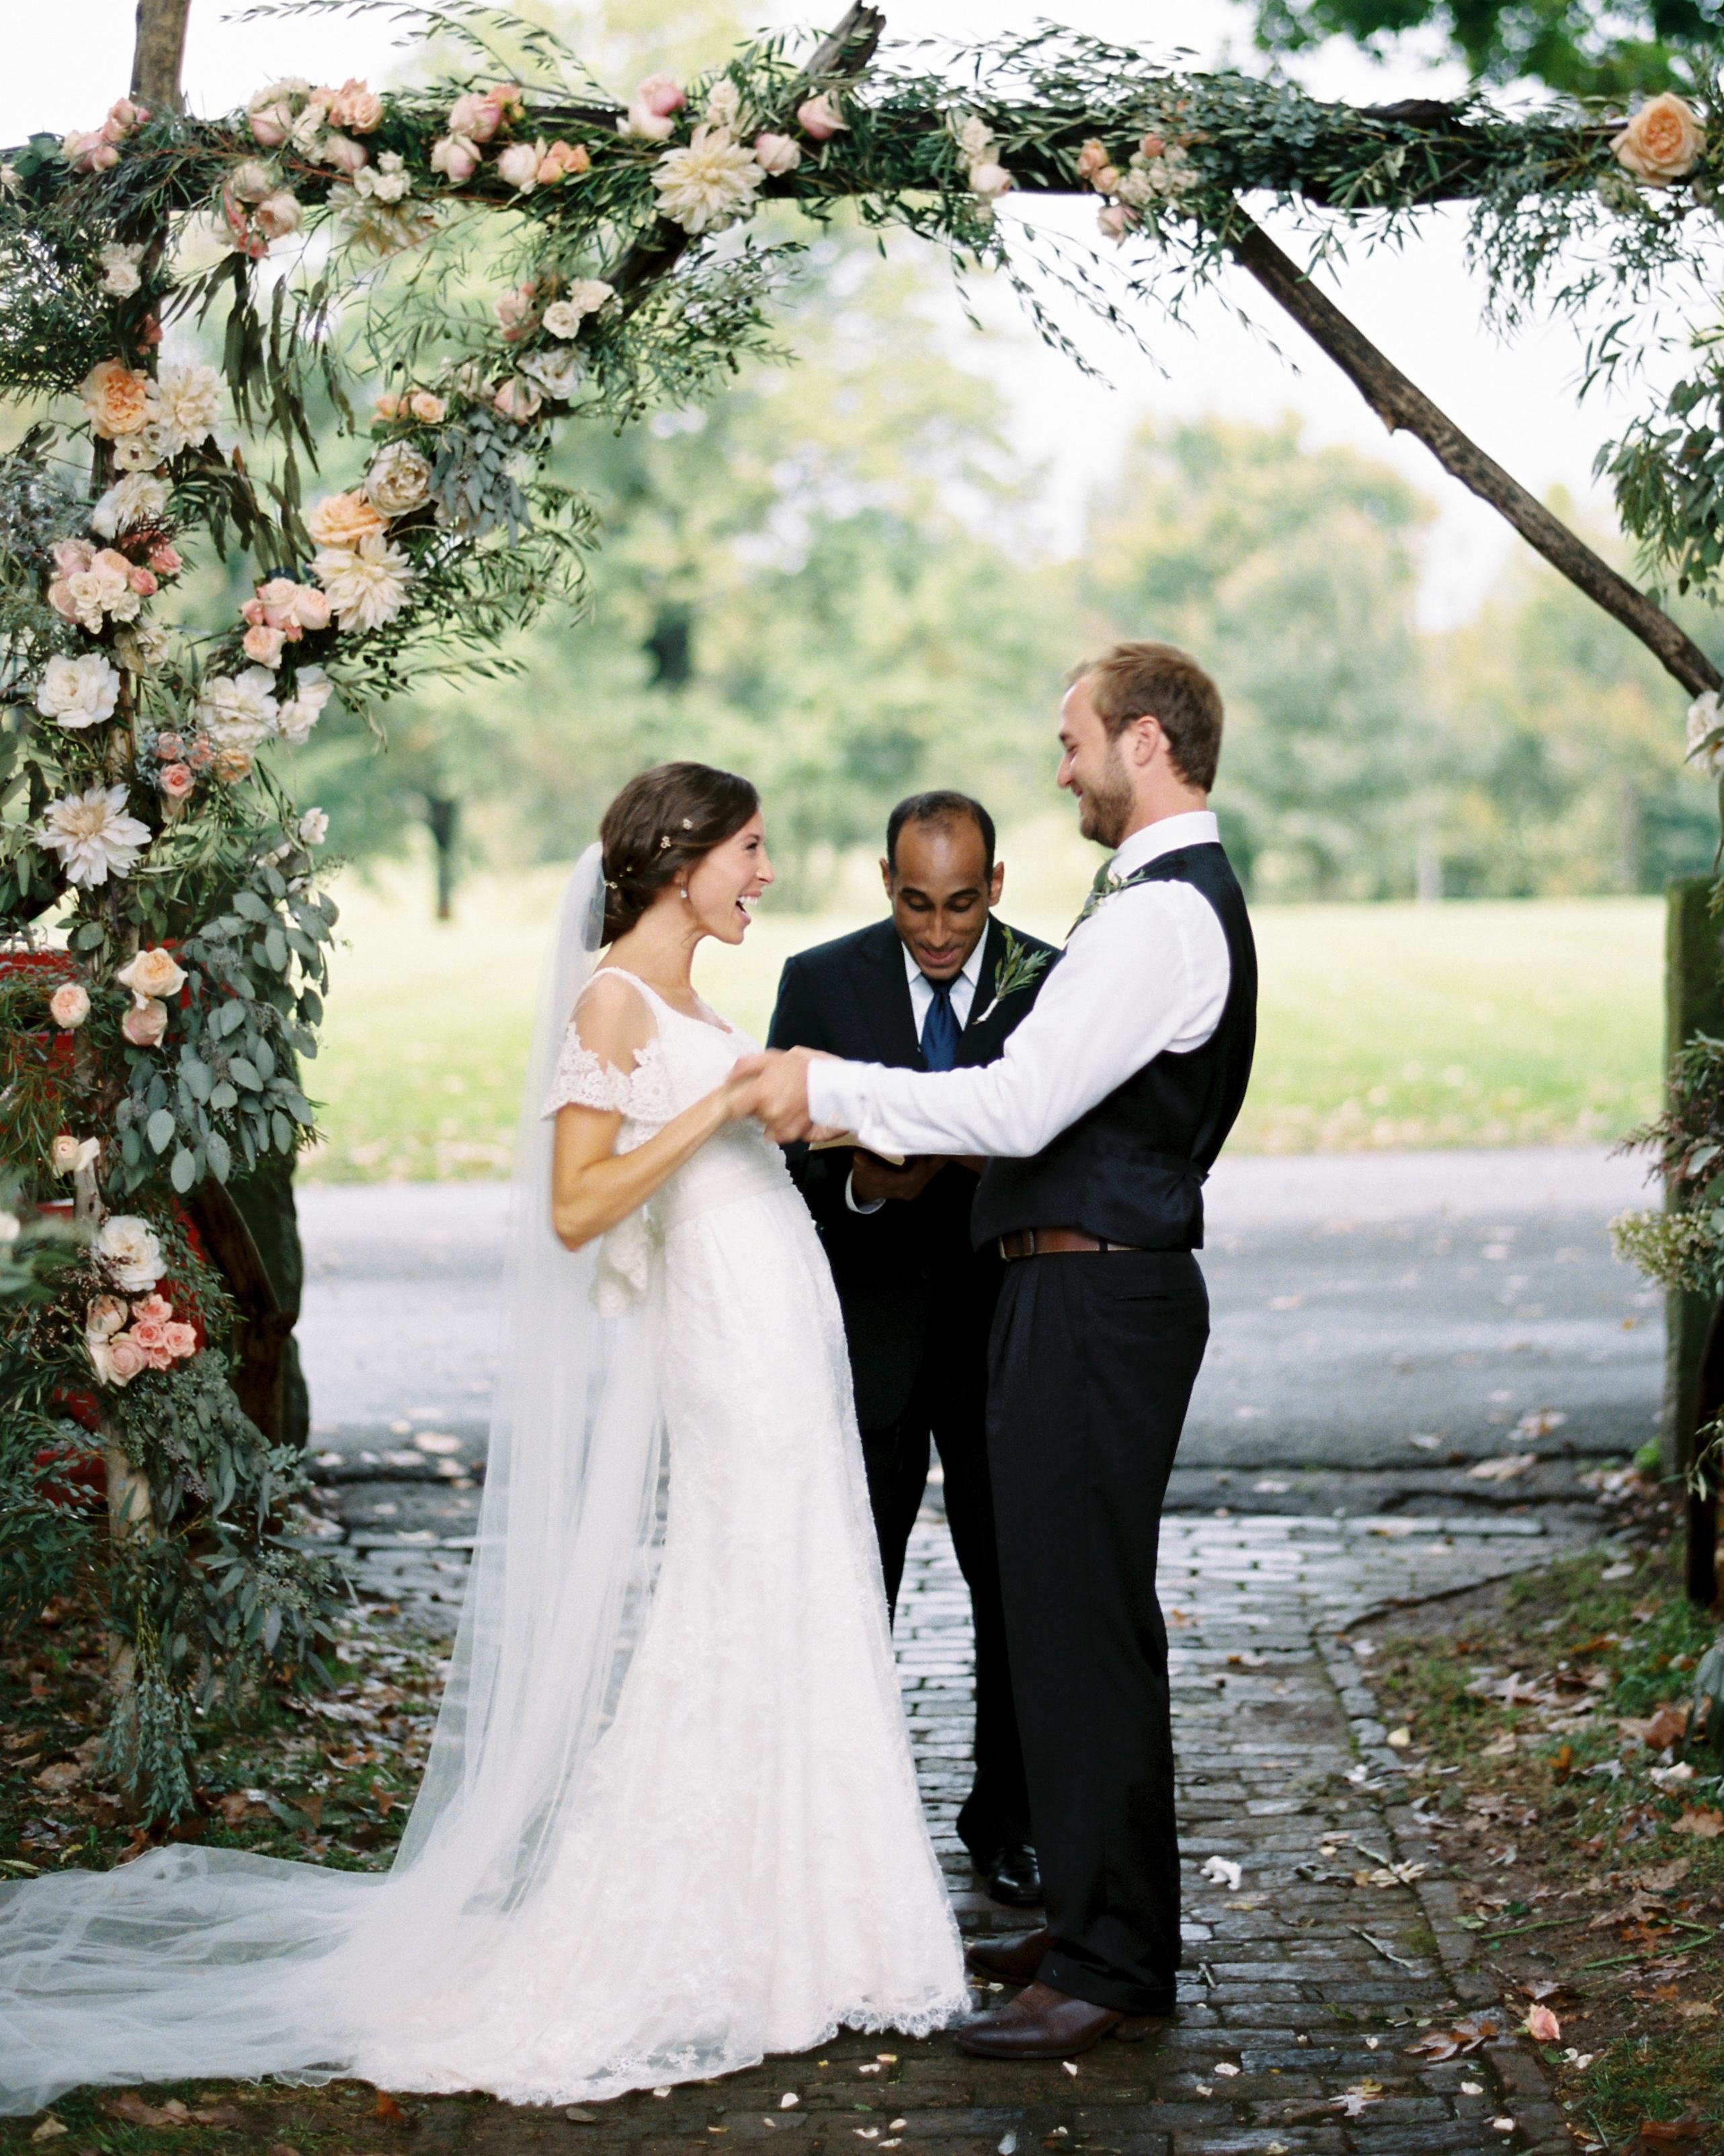 carson-blaine-wedding-officiant-0414.jpg